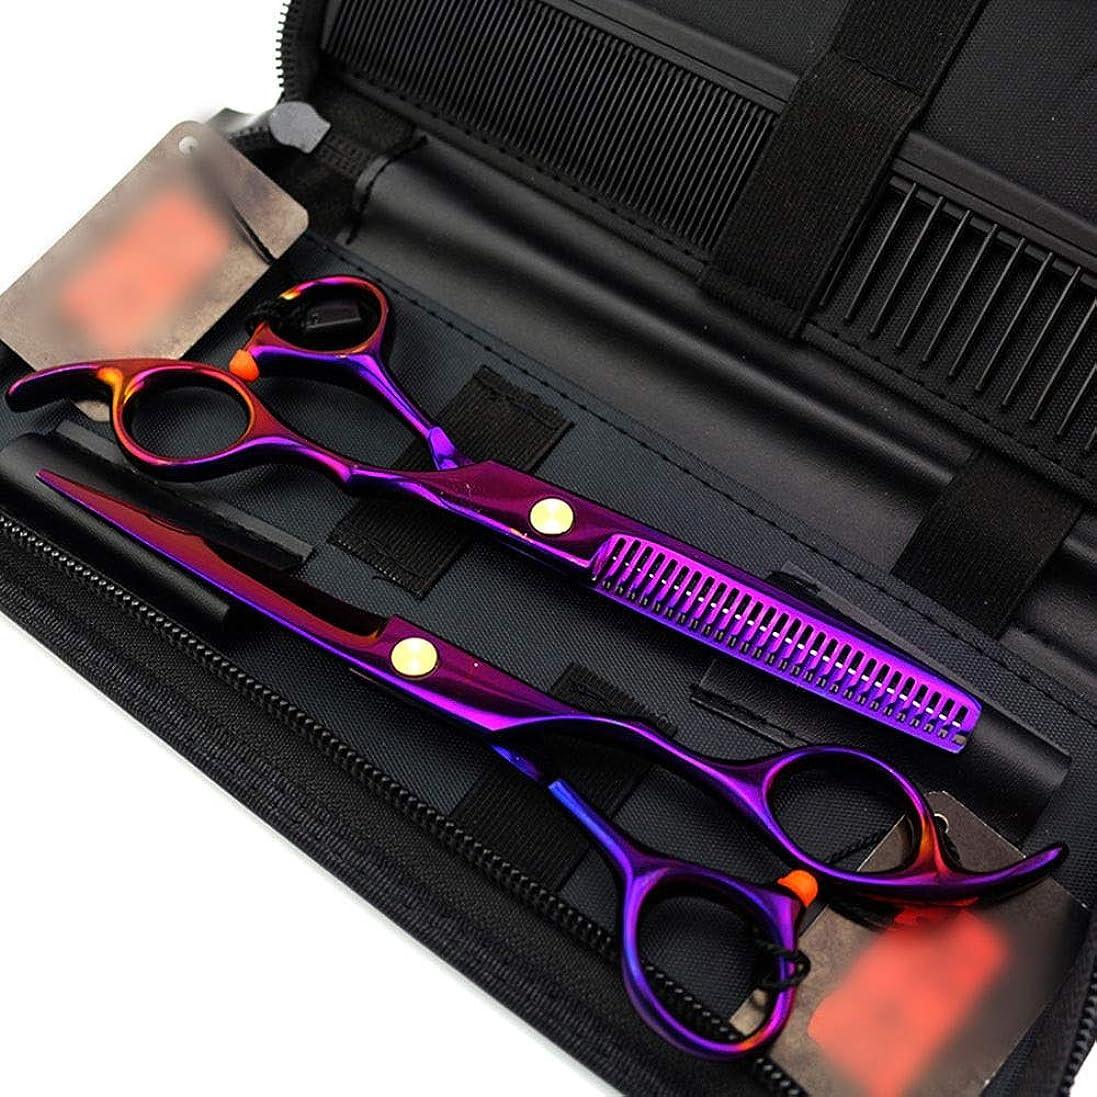 衛星ぼかす決してカットハサミ ヘアスタイリングツール 6インチプロフェッショナル理髪セットパープル理髪はさみ、フラットせん断+歯シザー ヘアカットシザー (色 : 紫の)